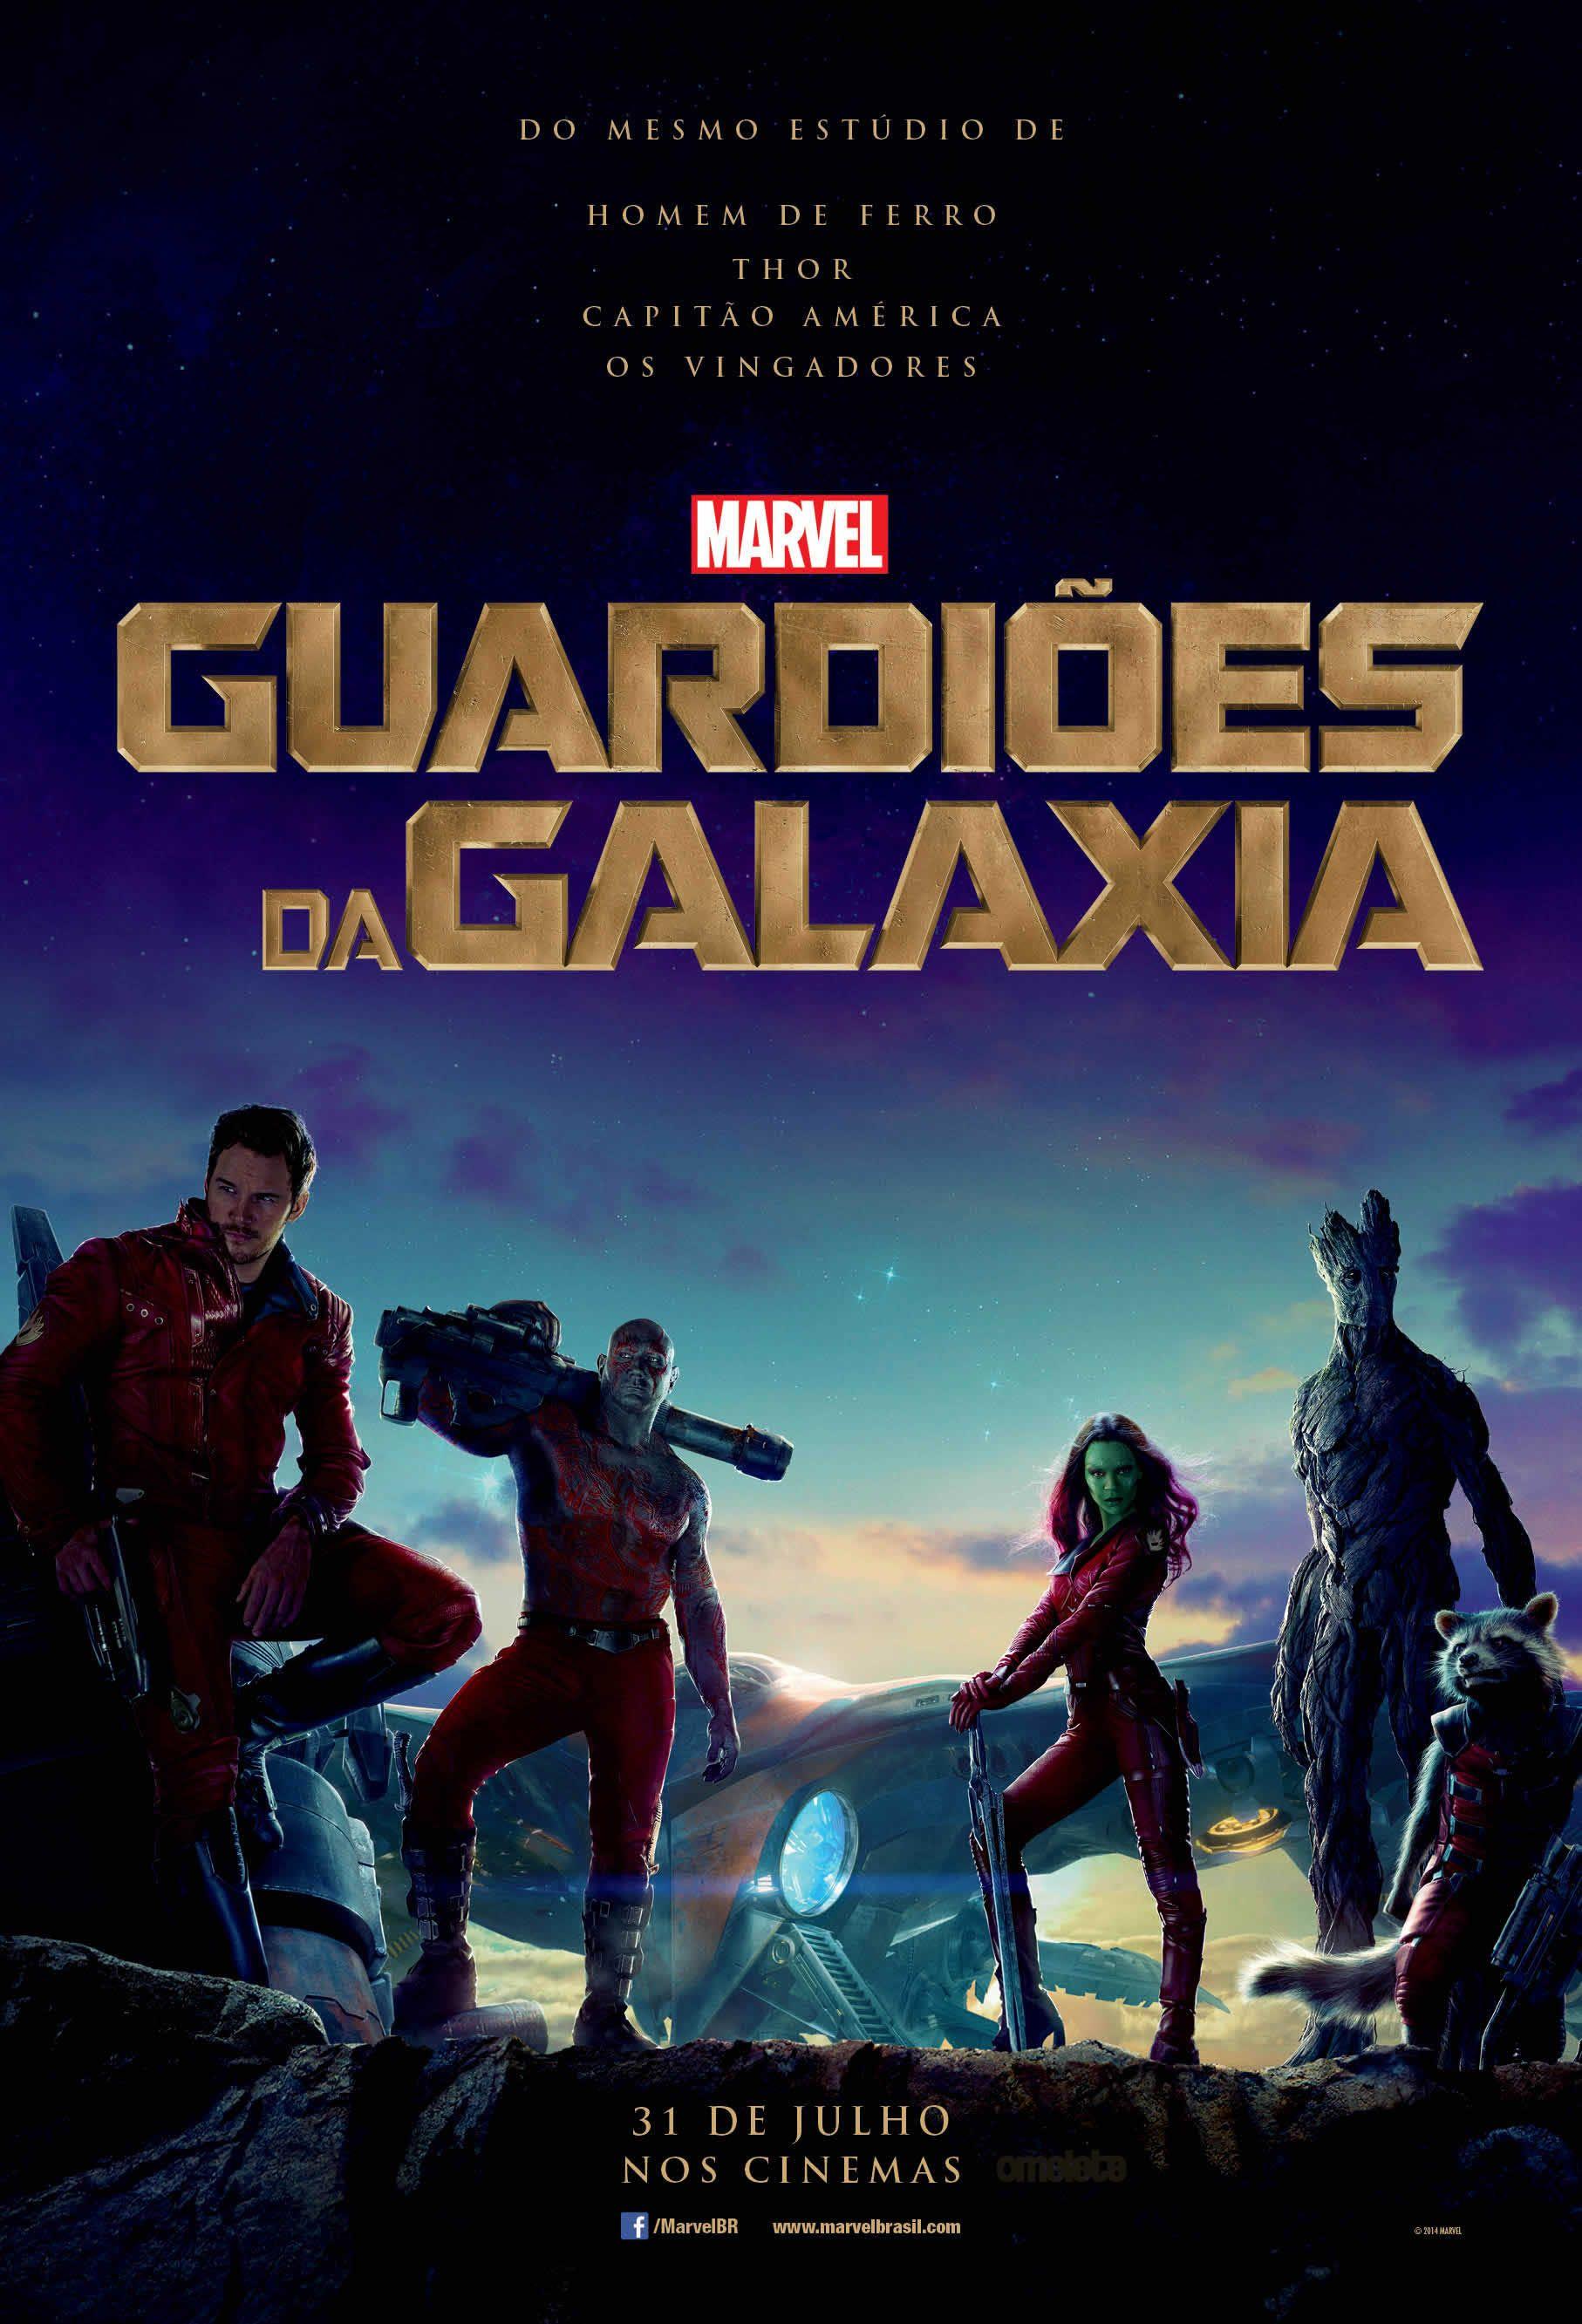 Guardioes Da Galaxia Veja O Cartaz Em Portugues Do Filme Filmes De Acao Filmes Marvel Filmes